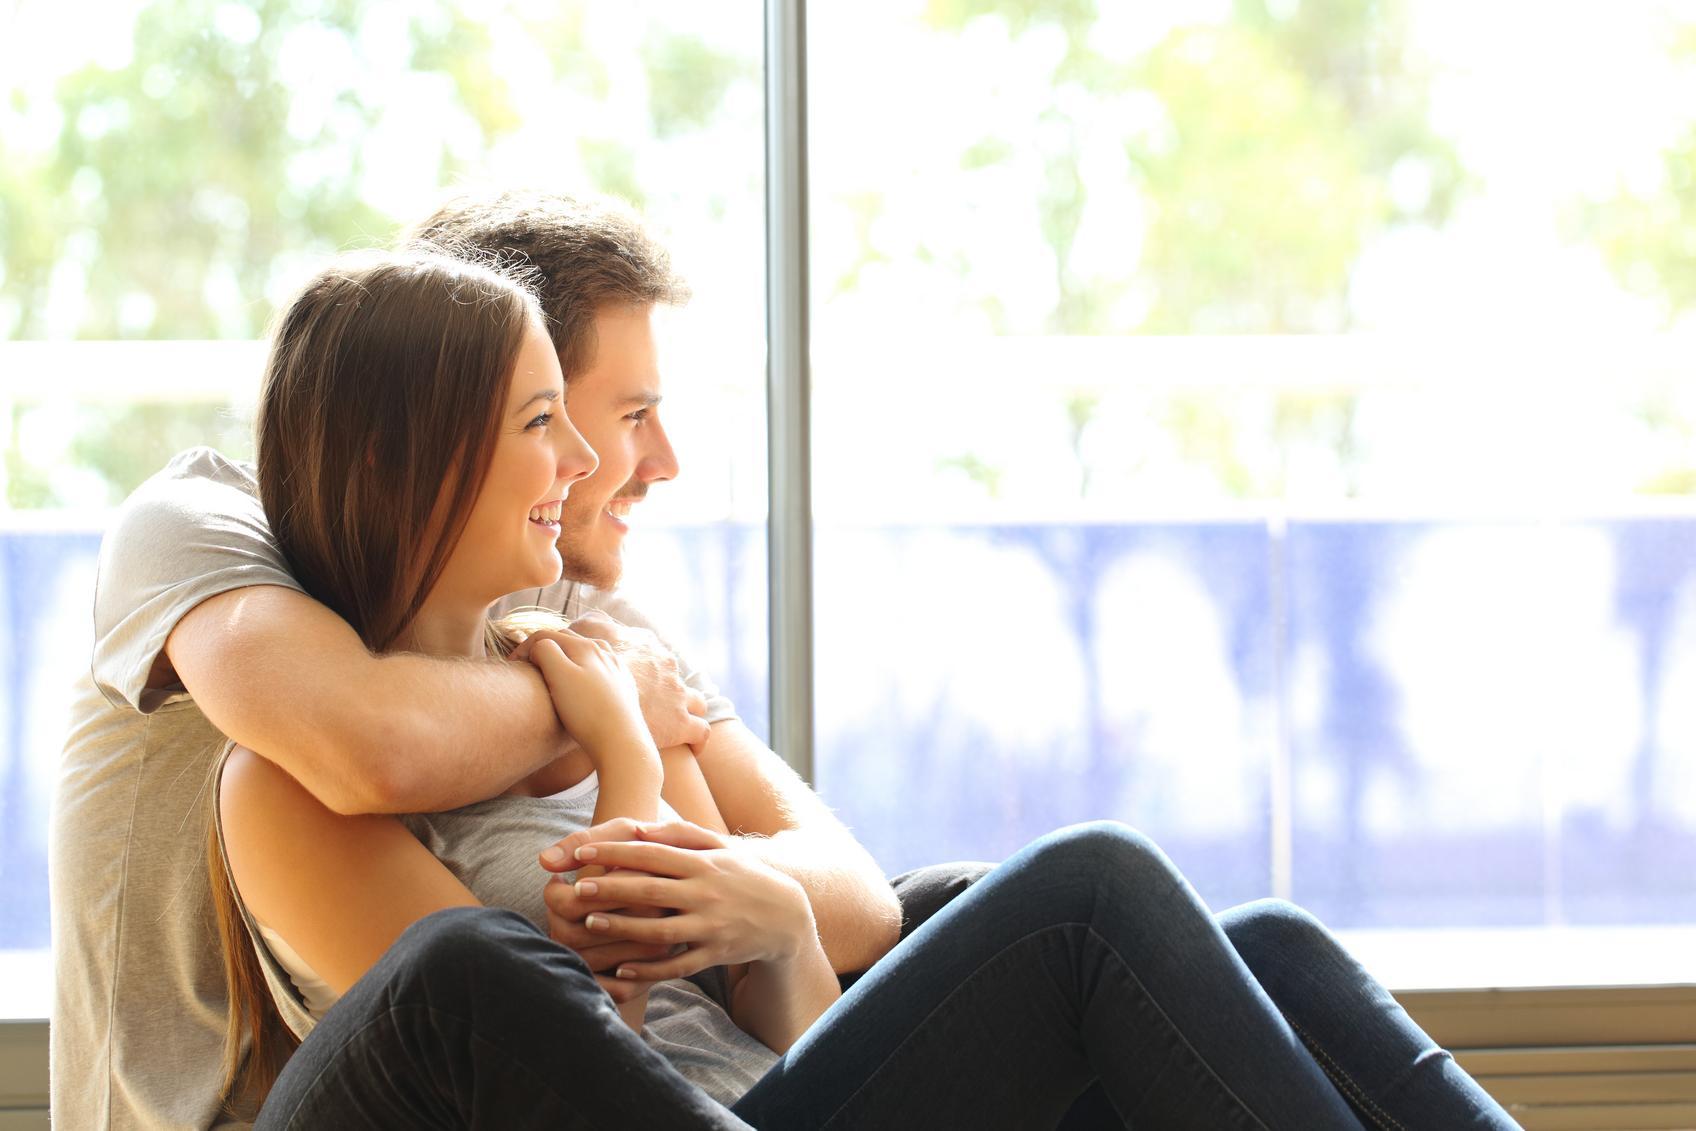 Ứng xử giữa vợ chồng, làm sao giữ lửa hôn nhân và duy trì hạnh phúc gia đình (27/6/2019)